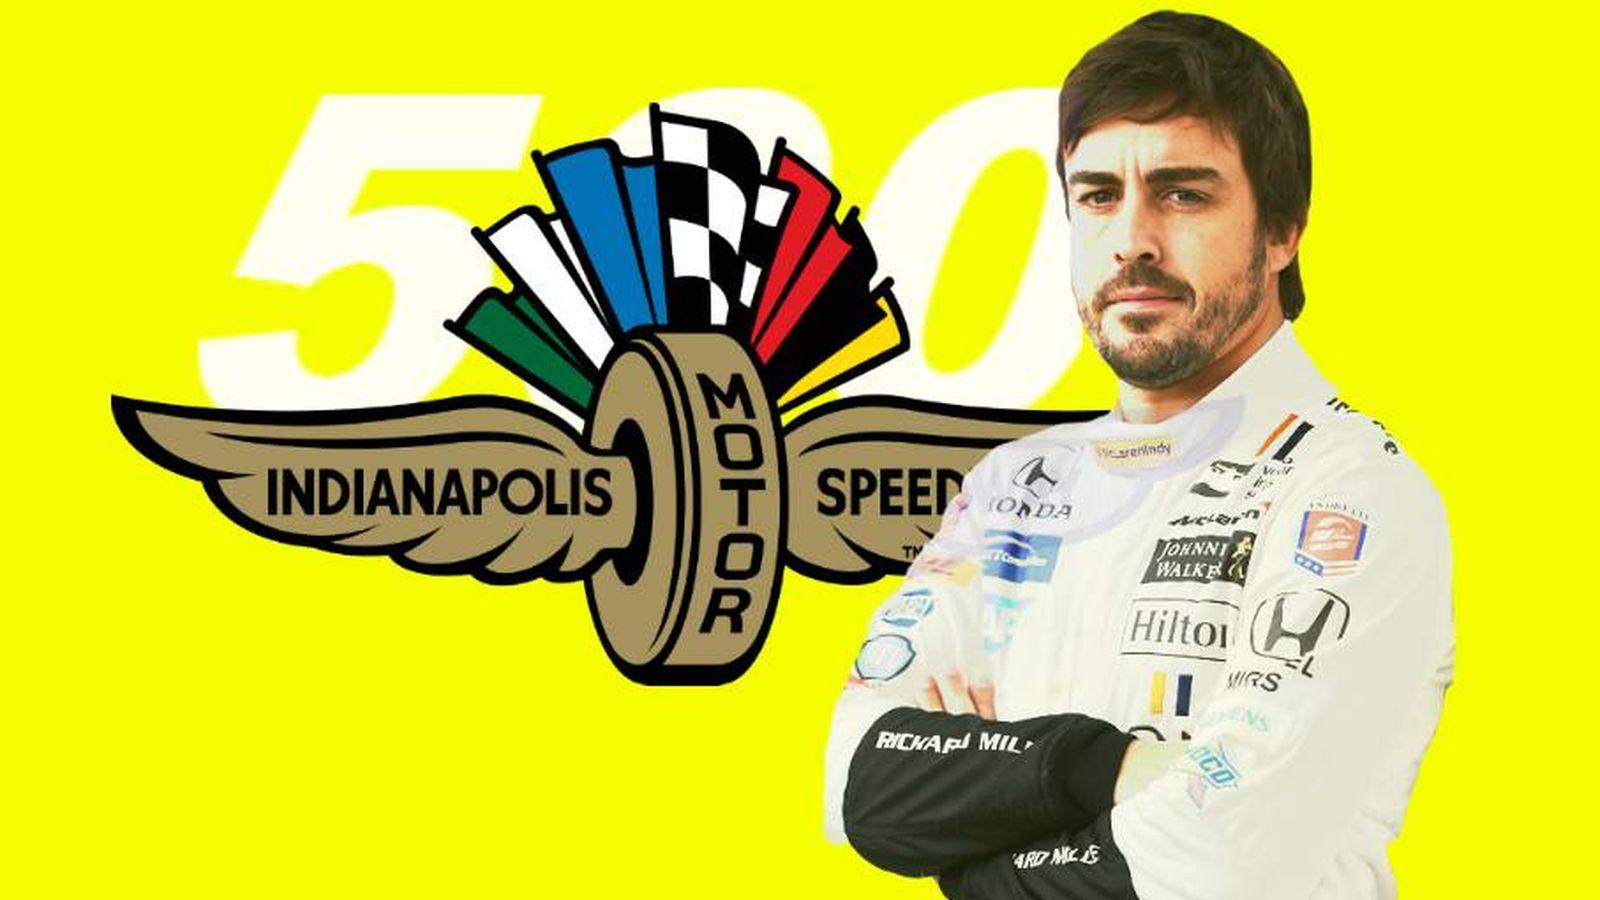 Foto: Zak Brown ha confirmado que se comunicará la presencia en las 500 Millas tras terminar la F1 en 2018.